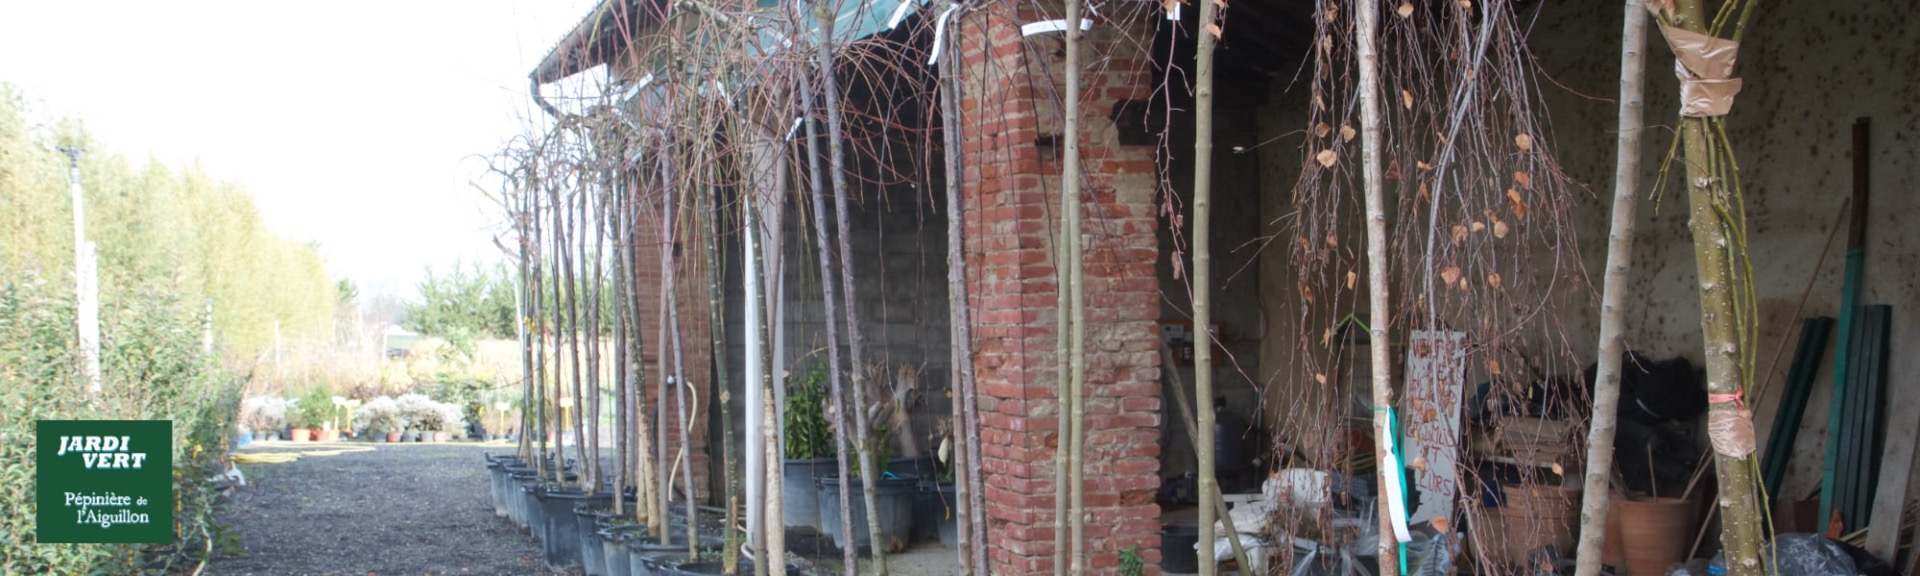 Vente d'arbre décoratifs et d'ornements - Pépinière de l'Aiguillon producteur Toulouse